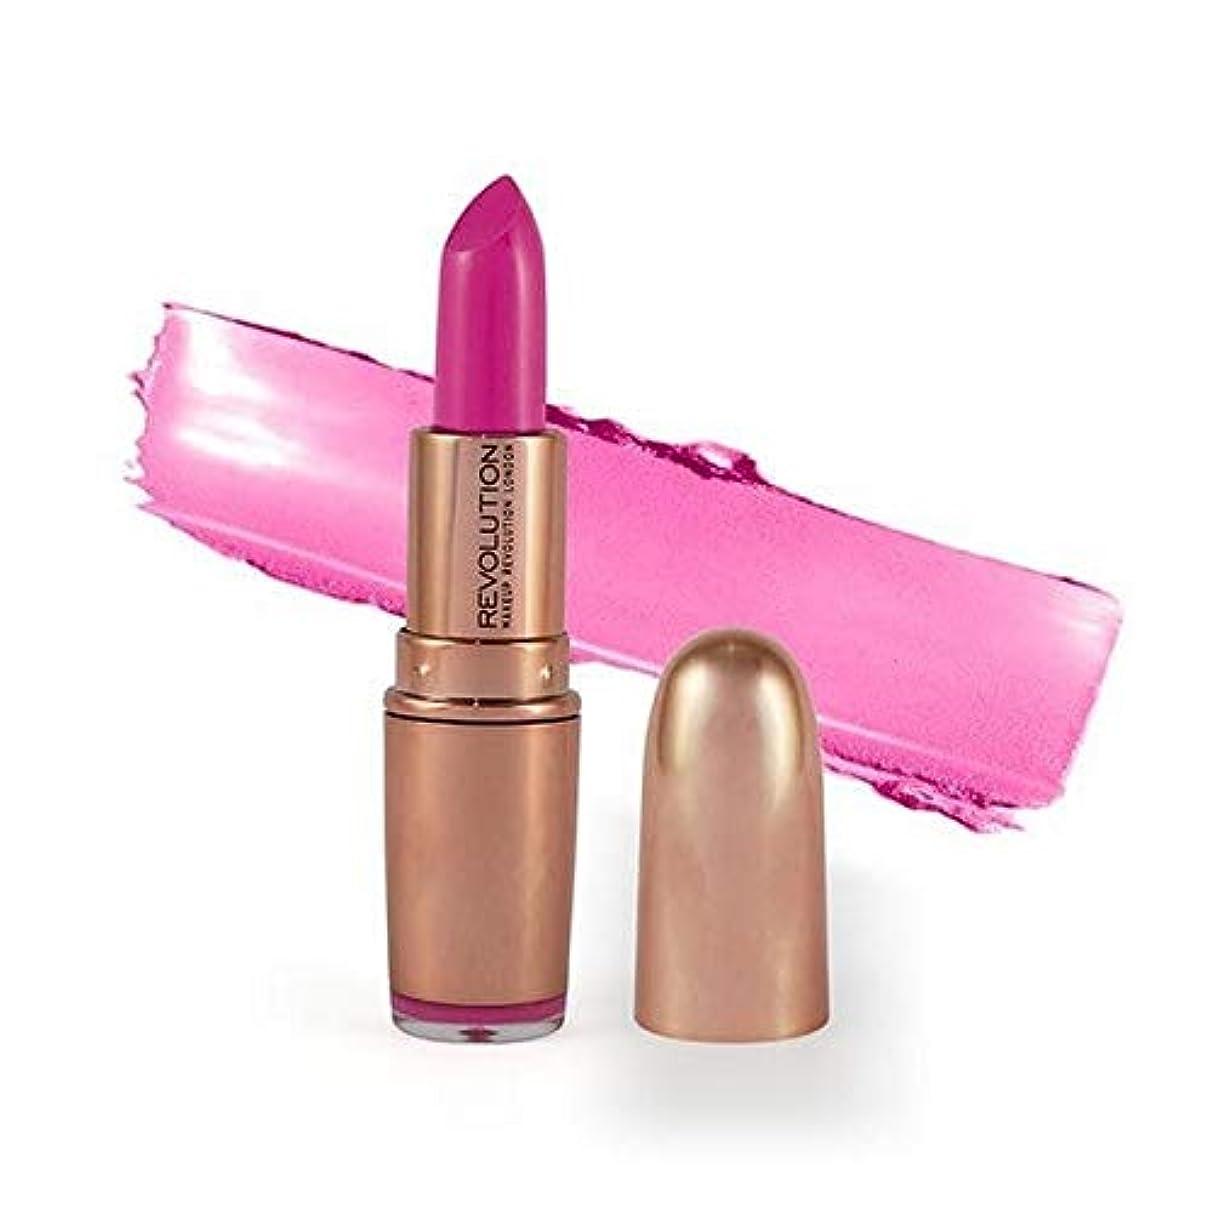 動ポンペイグリップ[Revolution ] 女の子の親友 - 革命は金の口紅をバラ - Revolution Rose Gold Lipstick - Girls Best Friend [並行輸入品]